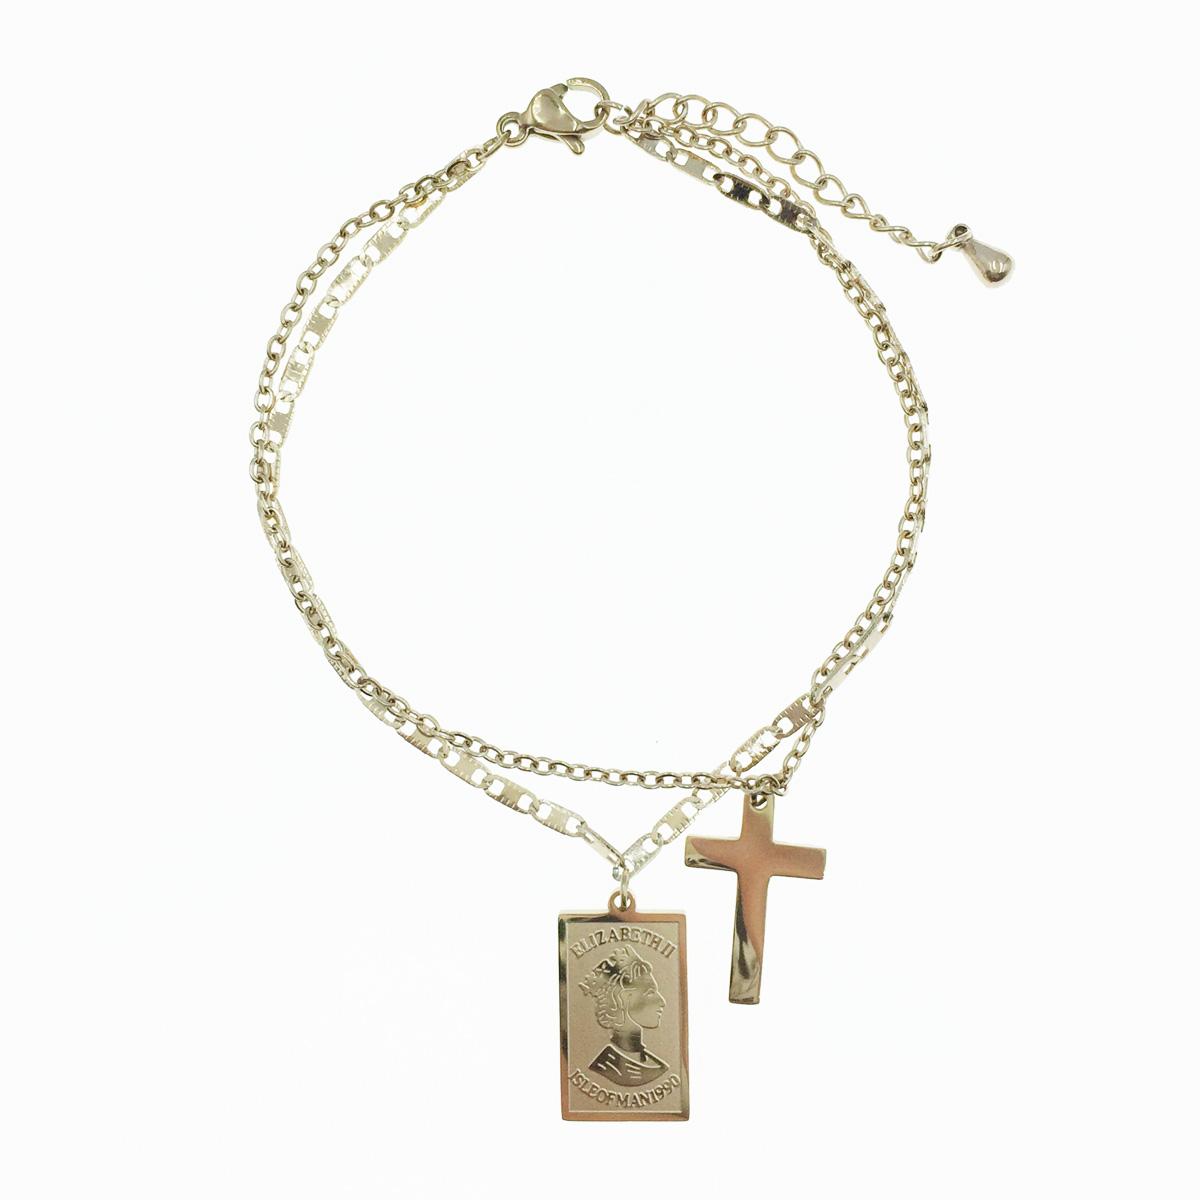 韓國 不鏽鋼 十字架 ELIZABETH II頭像 垂墜感 手鍊